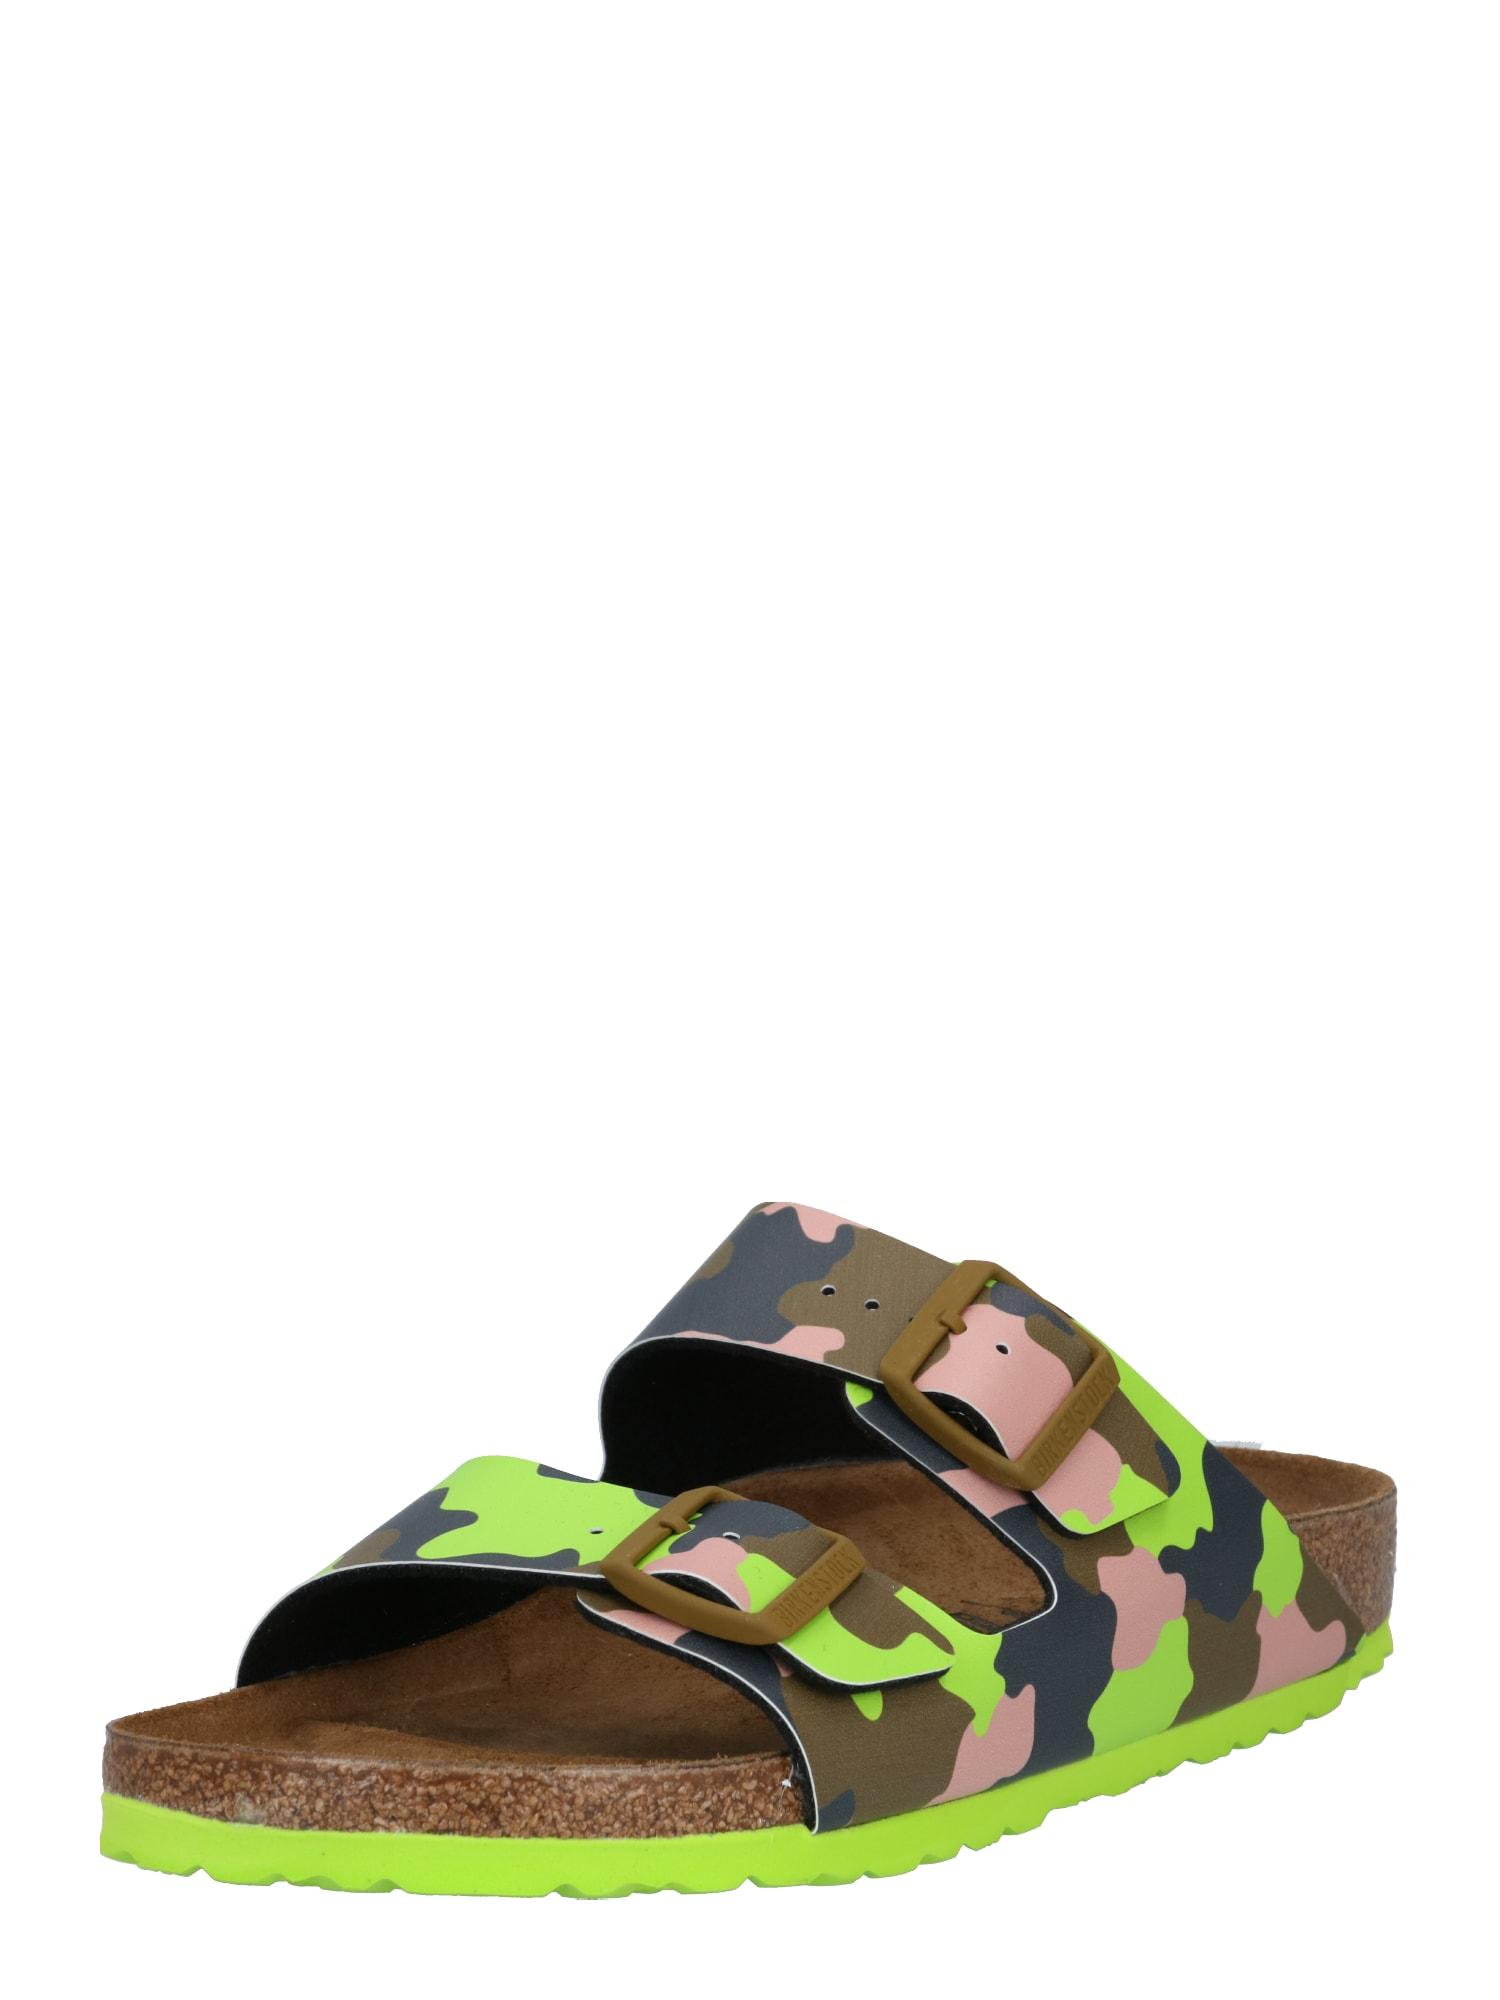 BIRKENSTOCK Pantofle 'Arizona Seasonal Pops'  hnědá / svítivě zelená / khaki / starorůžová